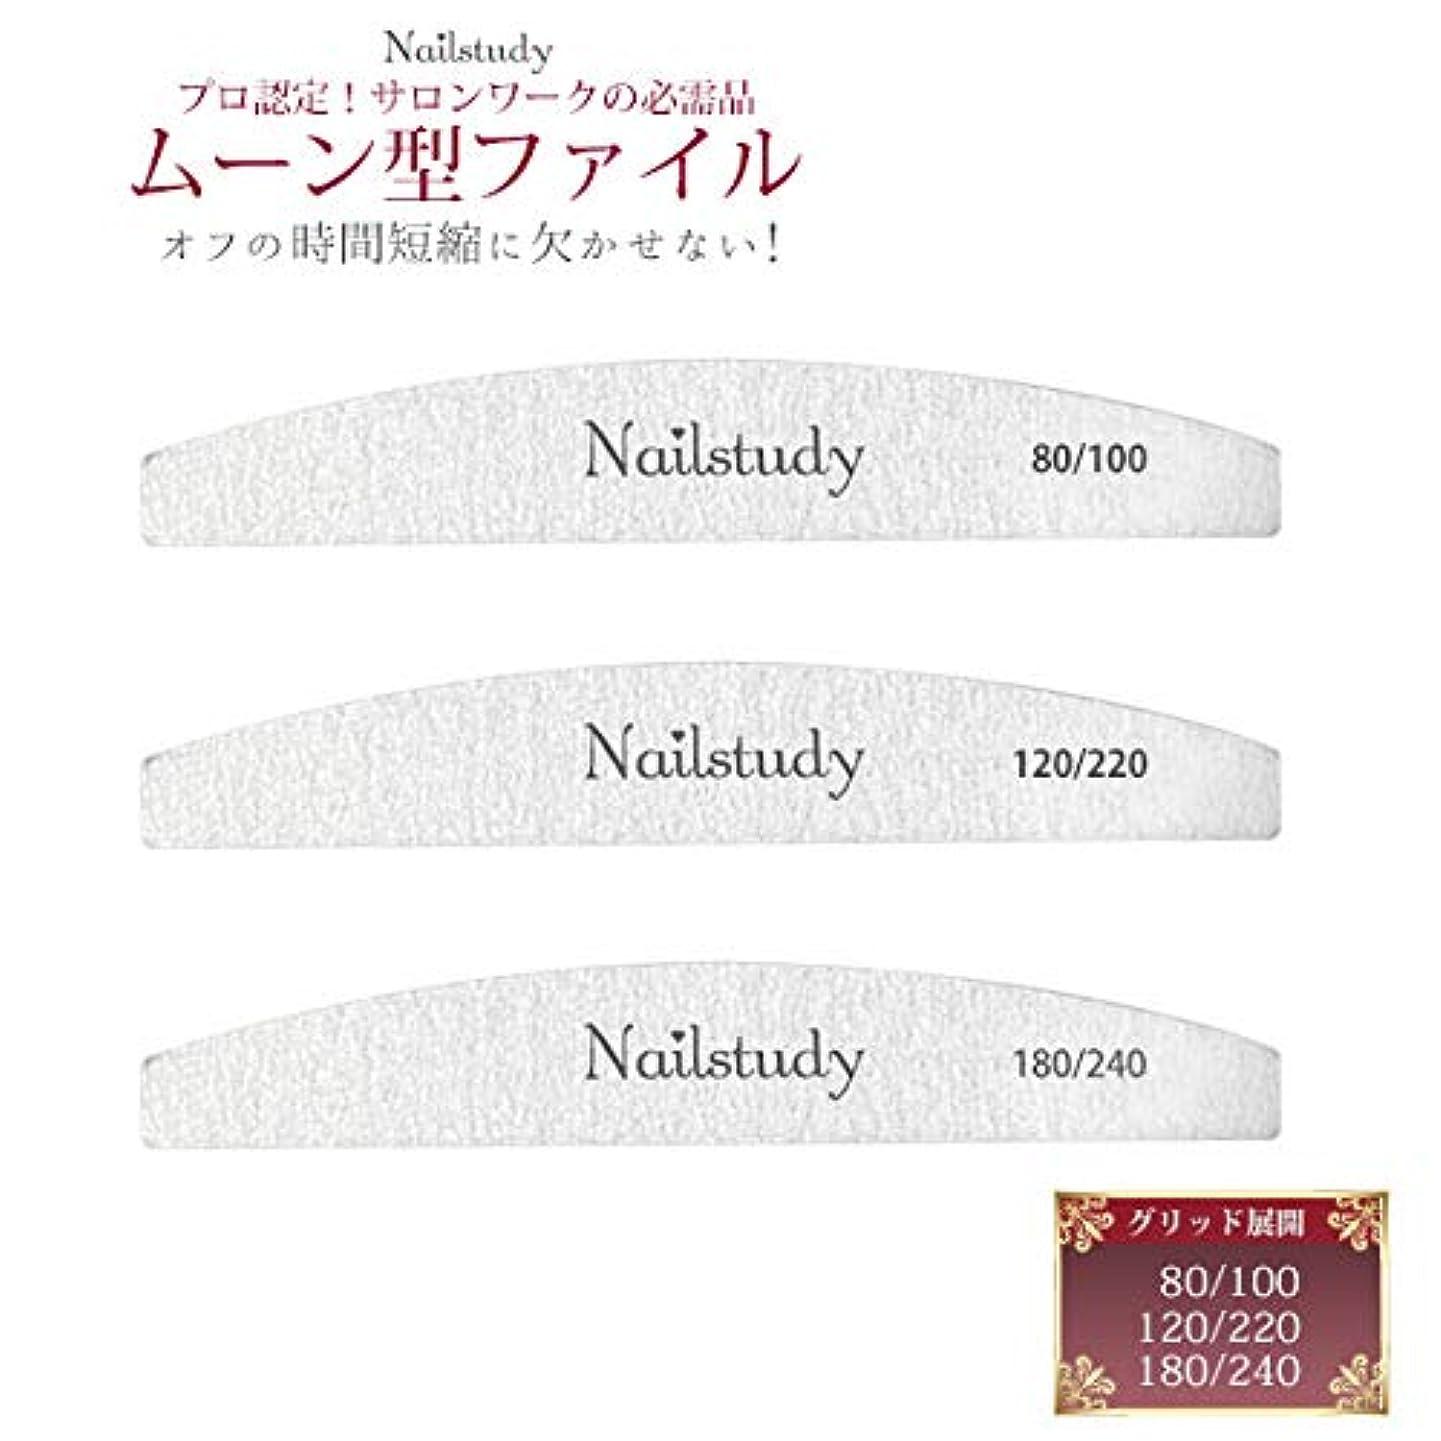 一握り防止離婚ネイルファイル ムーン型 (180/240)